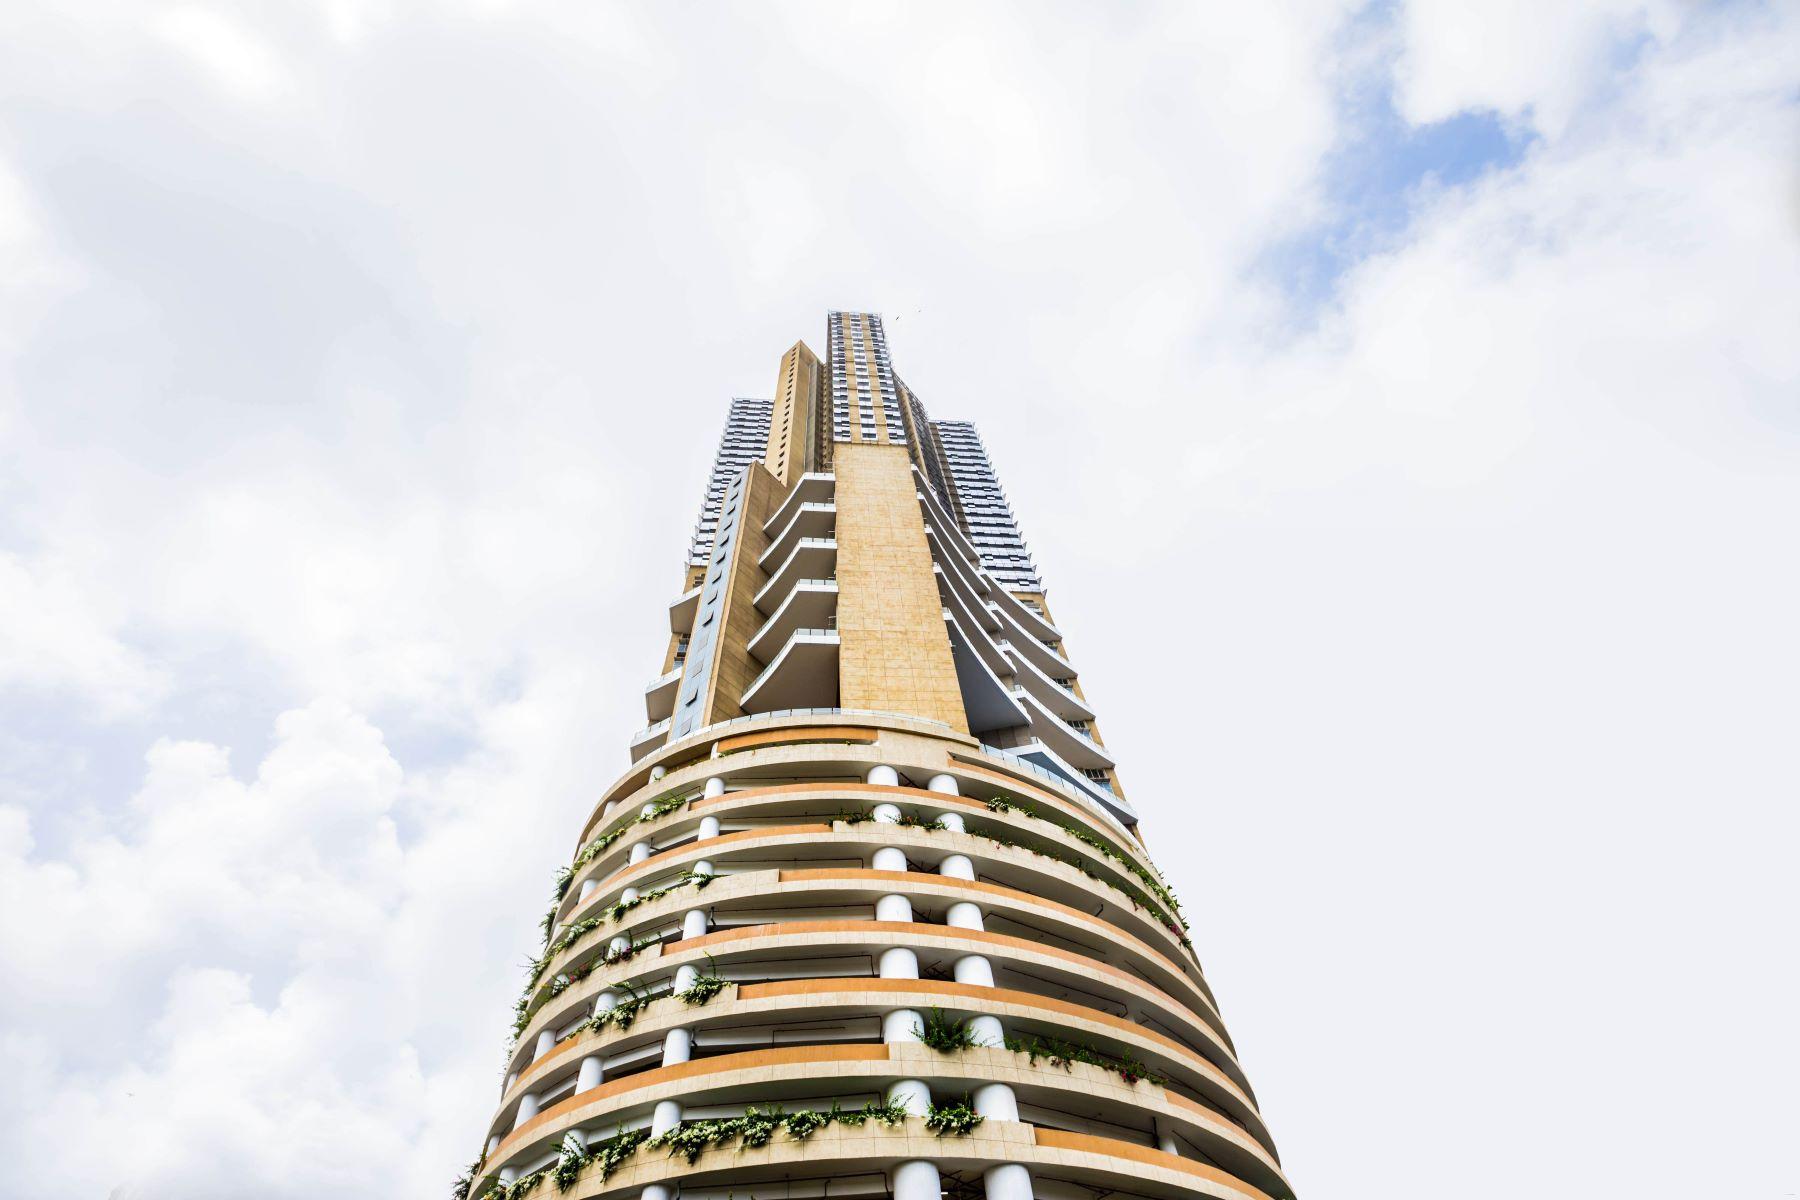 Duplex Homes 为 出租 在 Sky Apartment, Senapati Bapat Road 孟买, 马哈拉托特拉邦 400013 印度